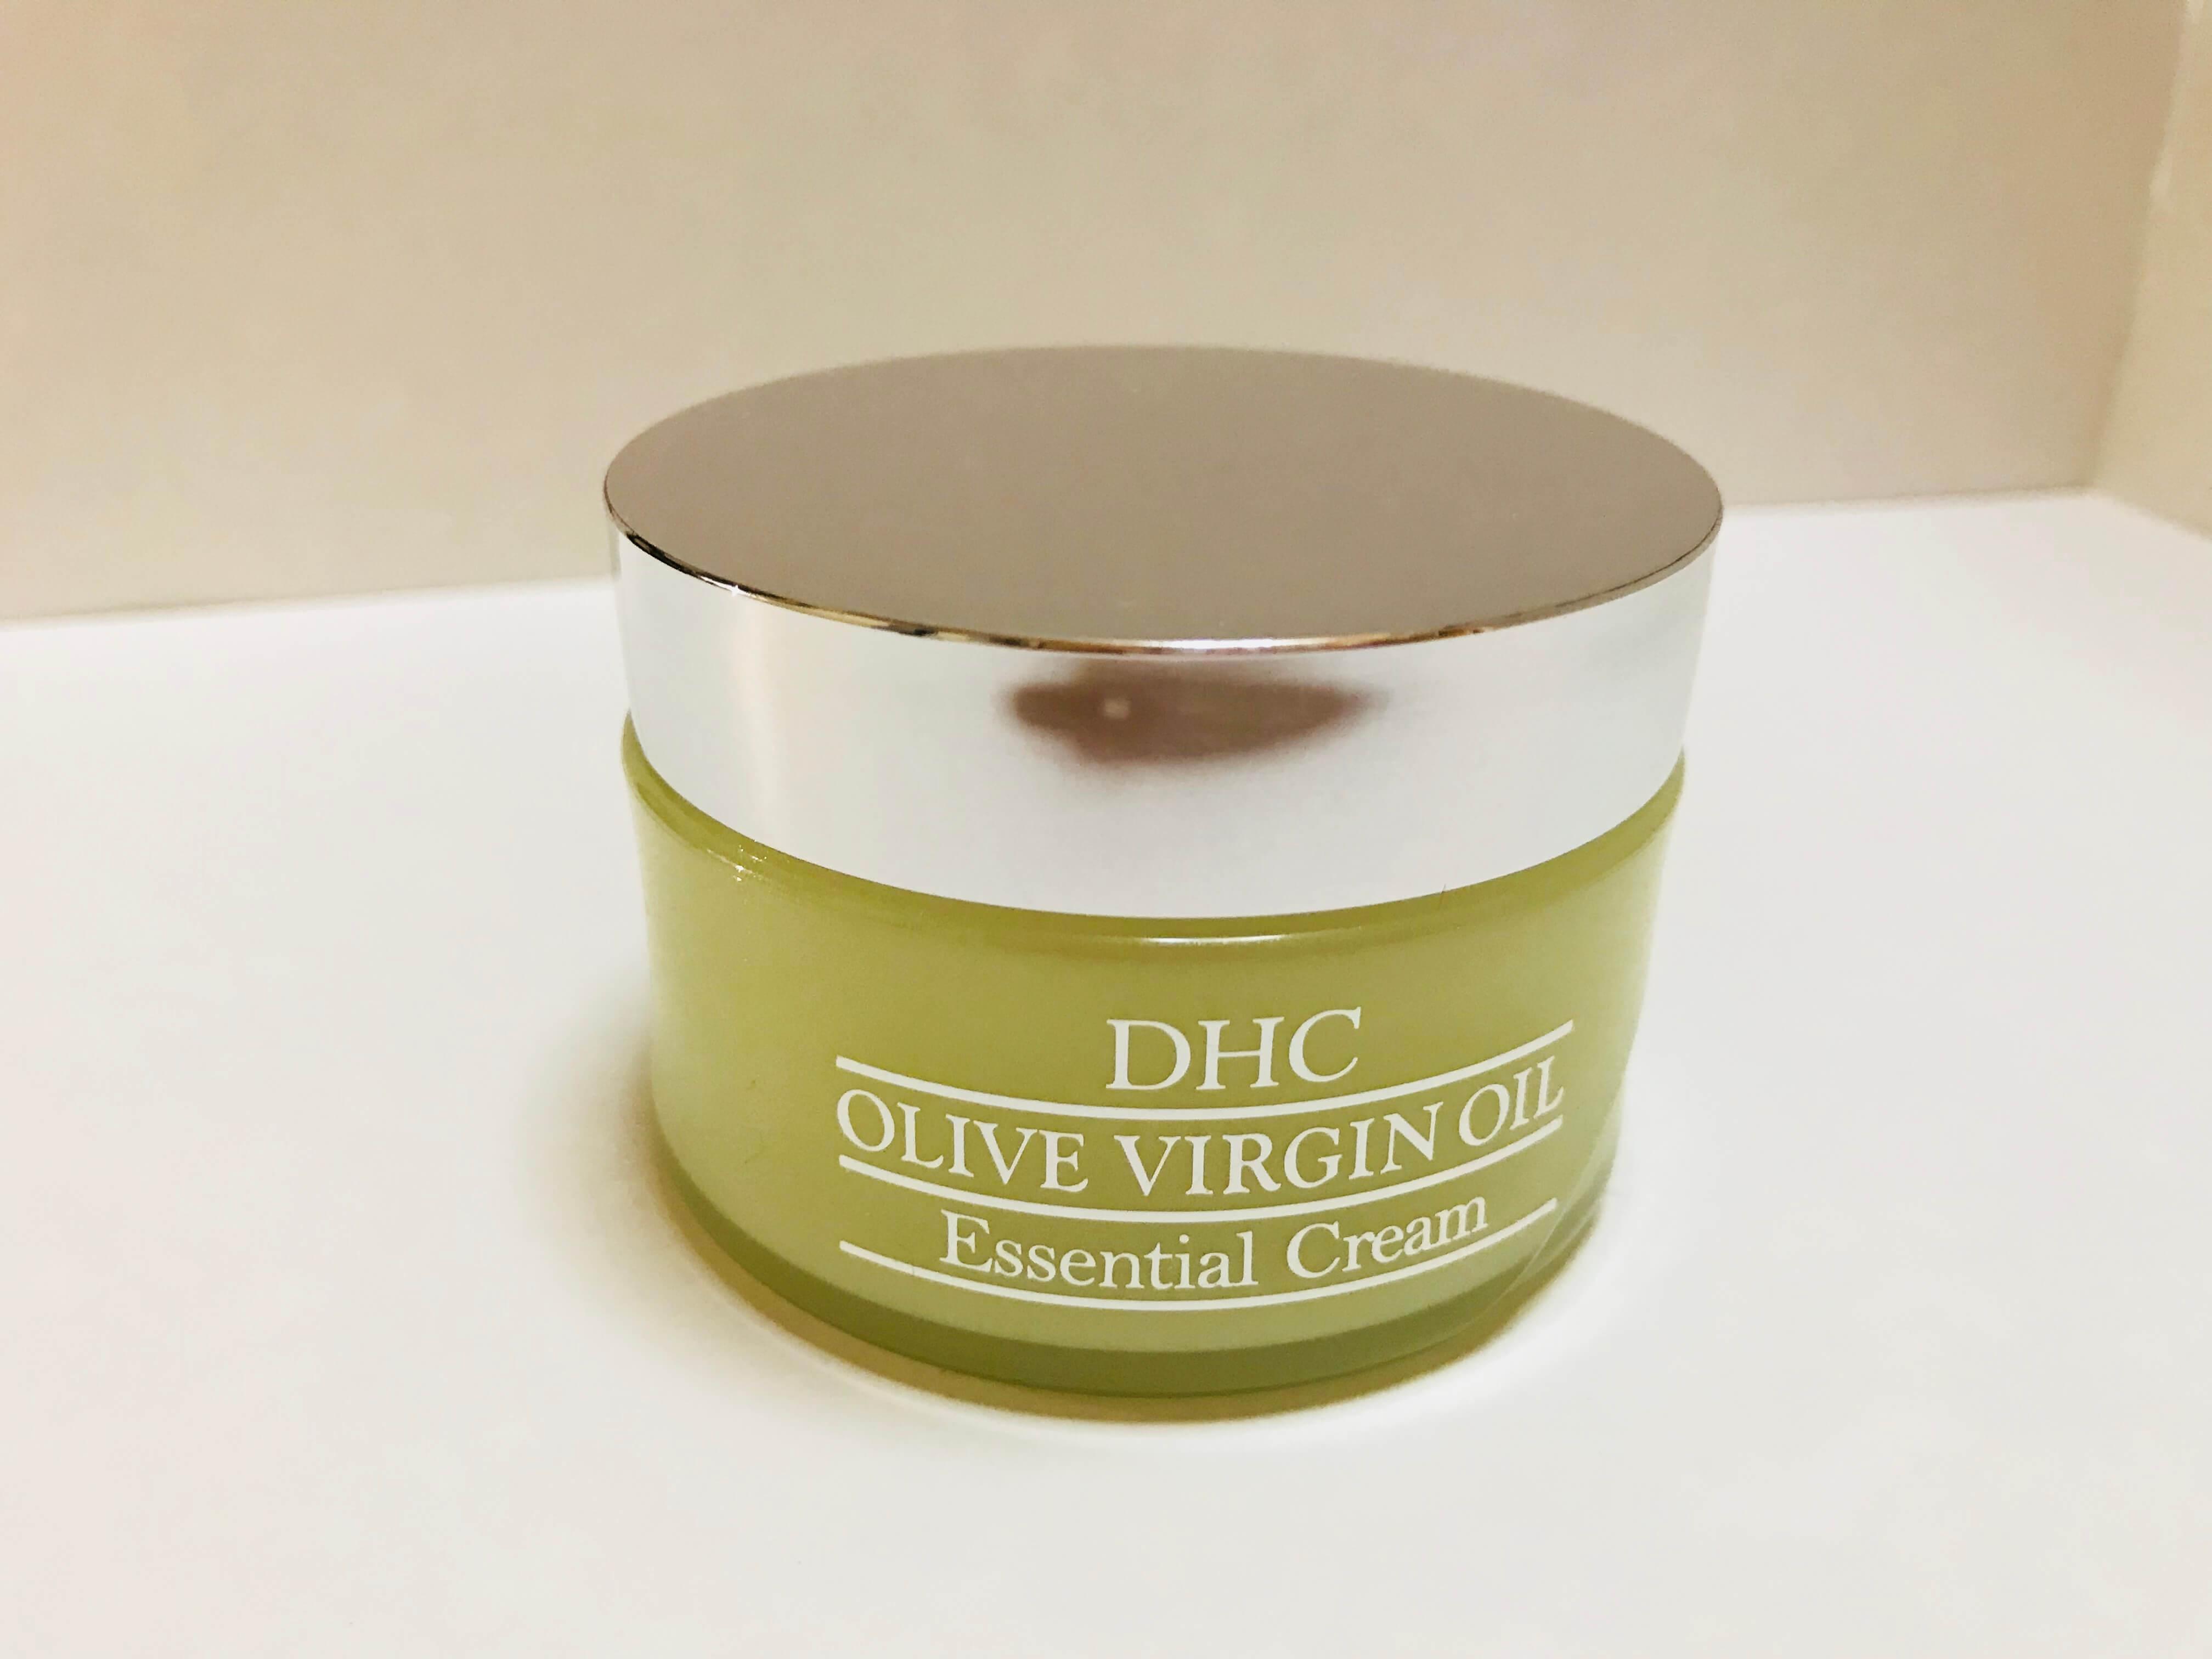 【レビューするよ!】DHC オリーブバージンオイル エッセンシャル クリーム